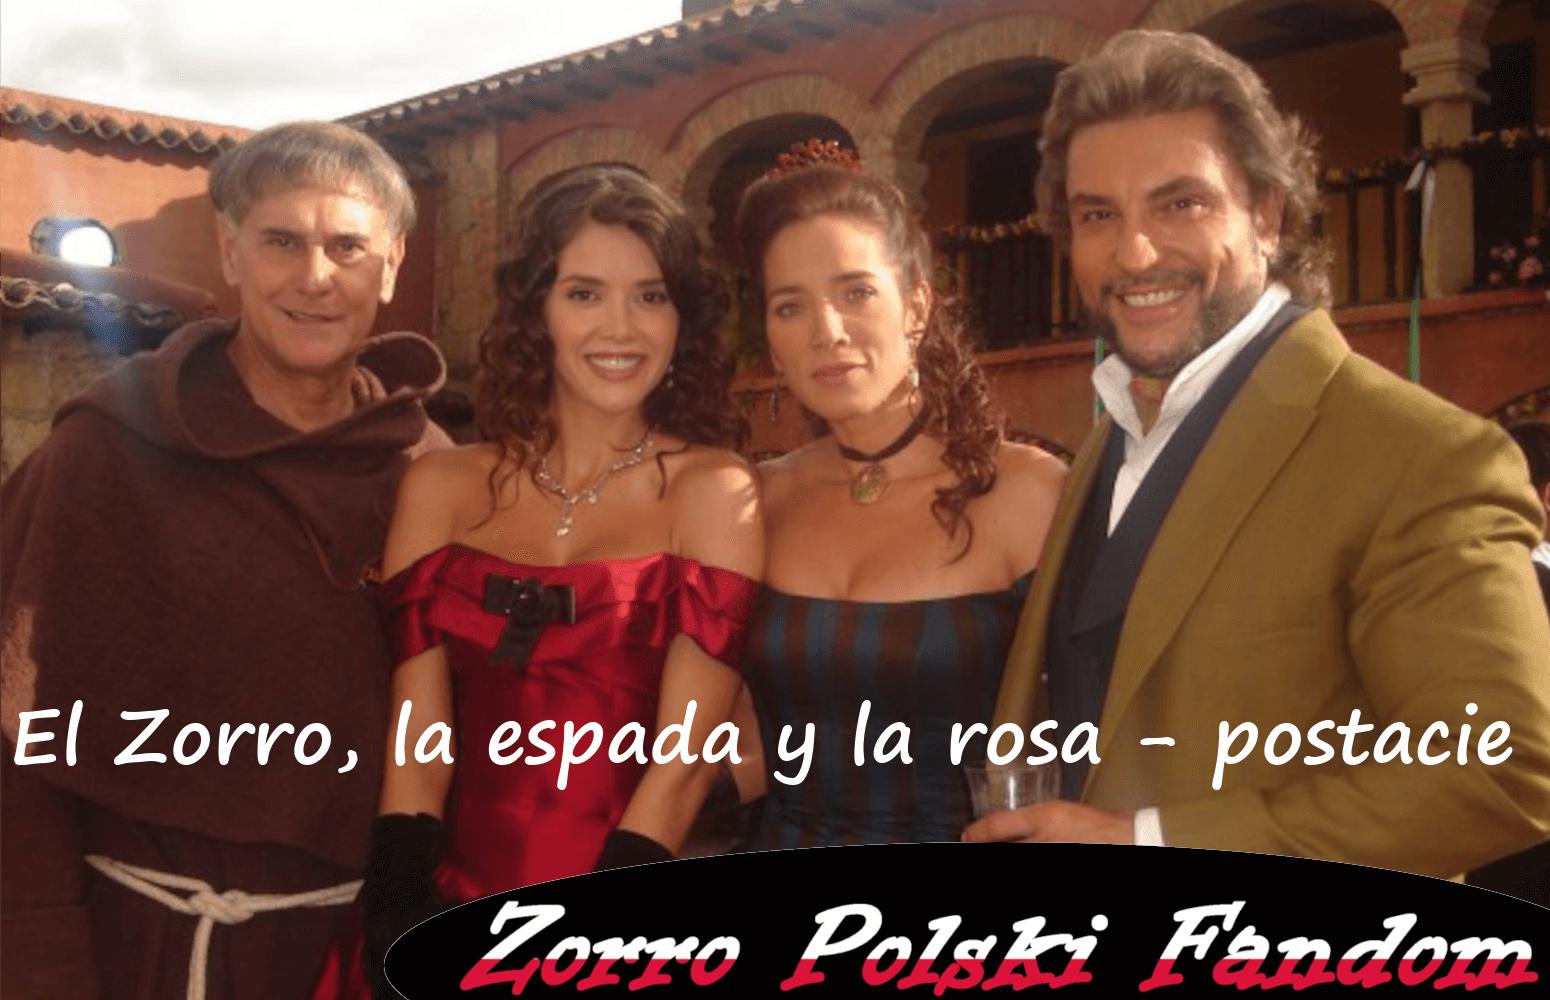 El Zorro, la espada y la rosa - postacie telenowela Zorro PL